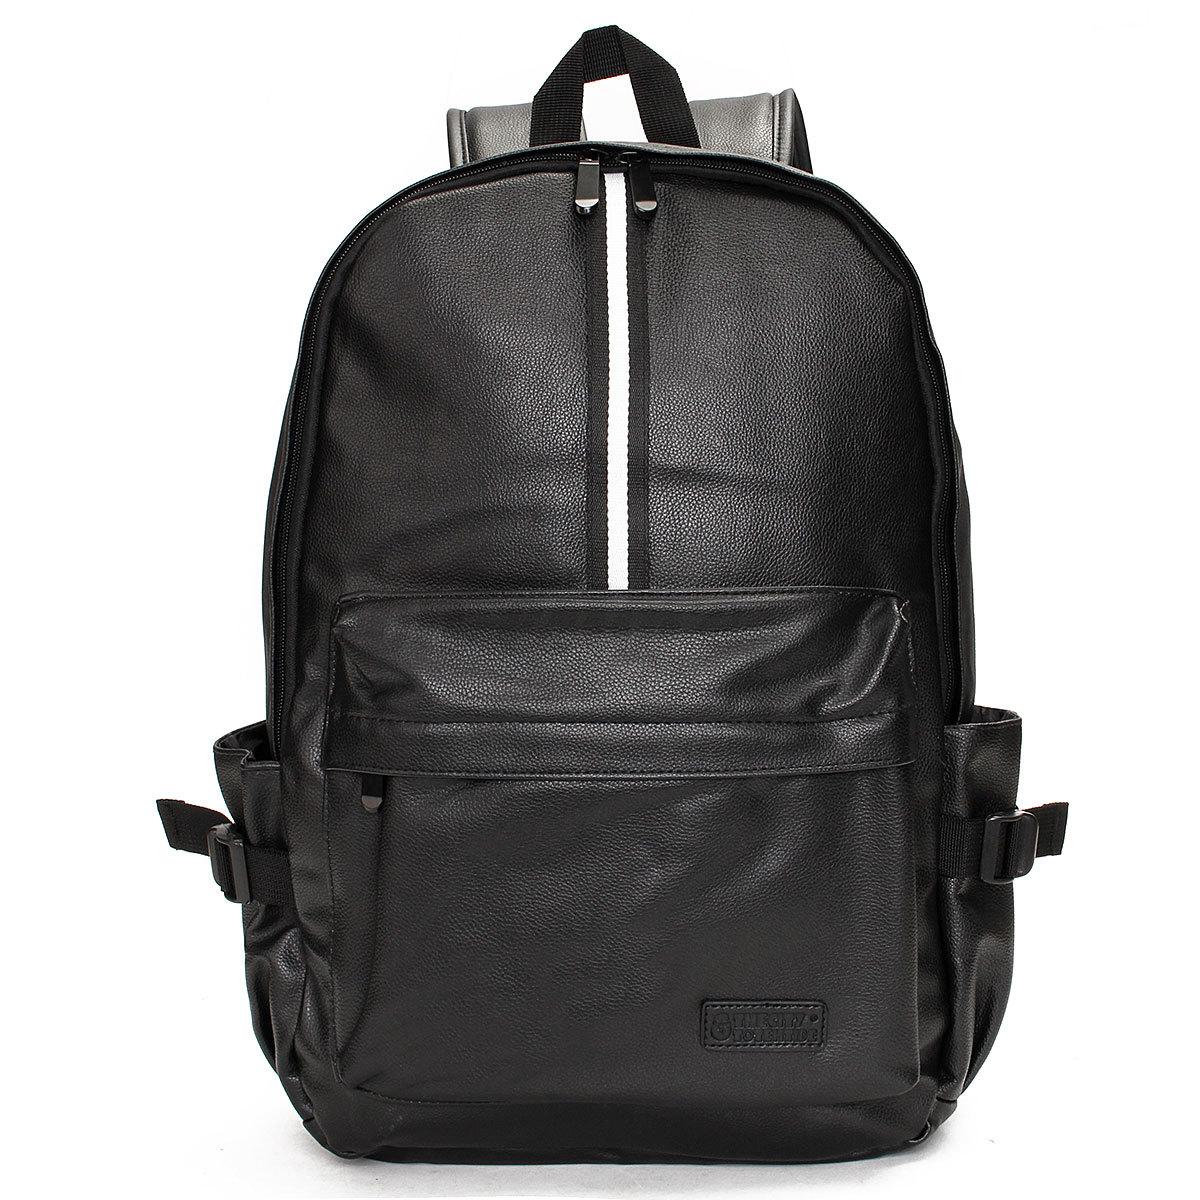 Travel Rucksack Camping  Leather Men Shoulder Bag Backpack School Laptop Satchel